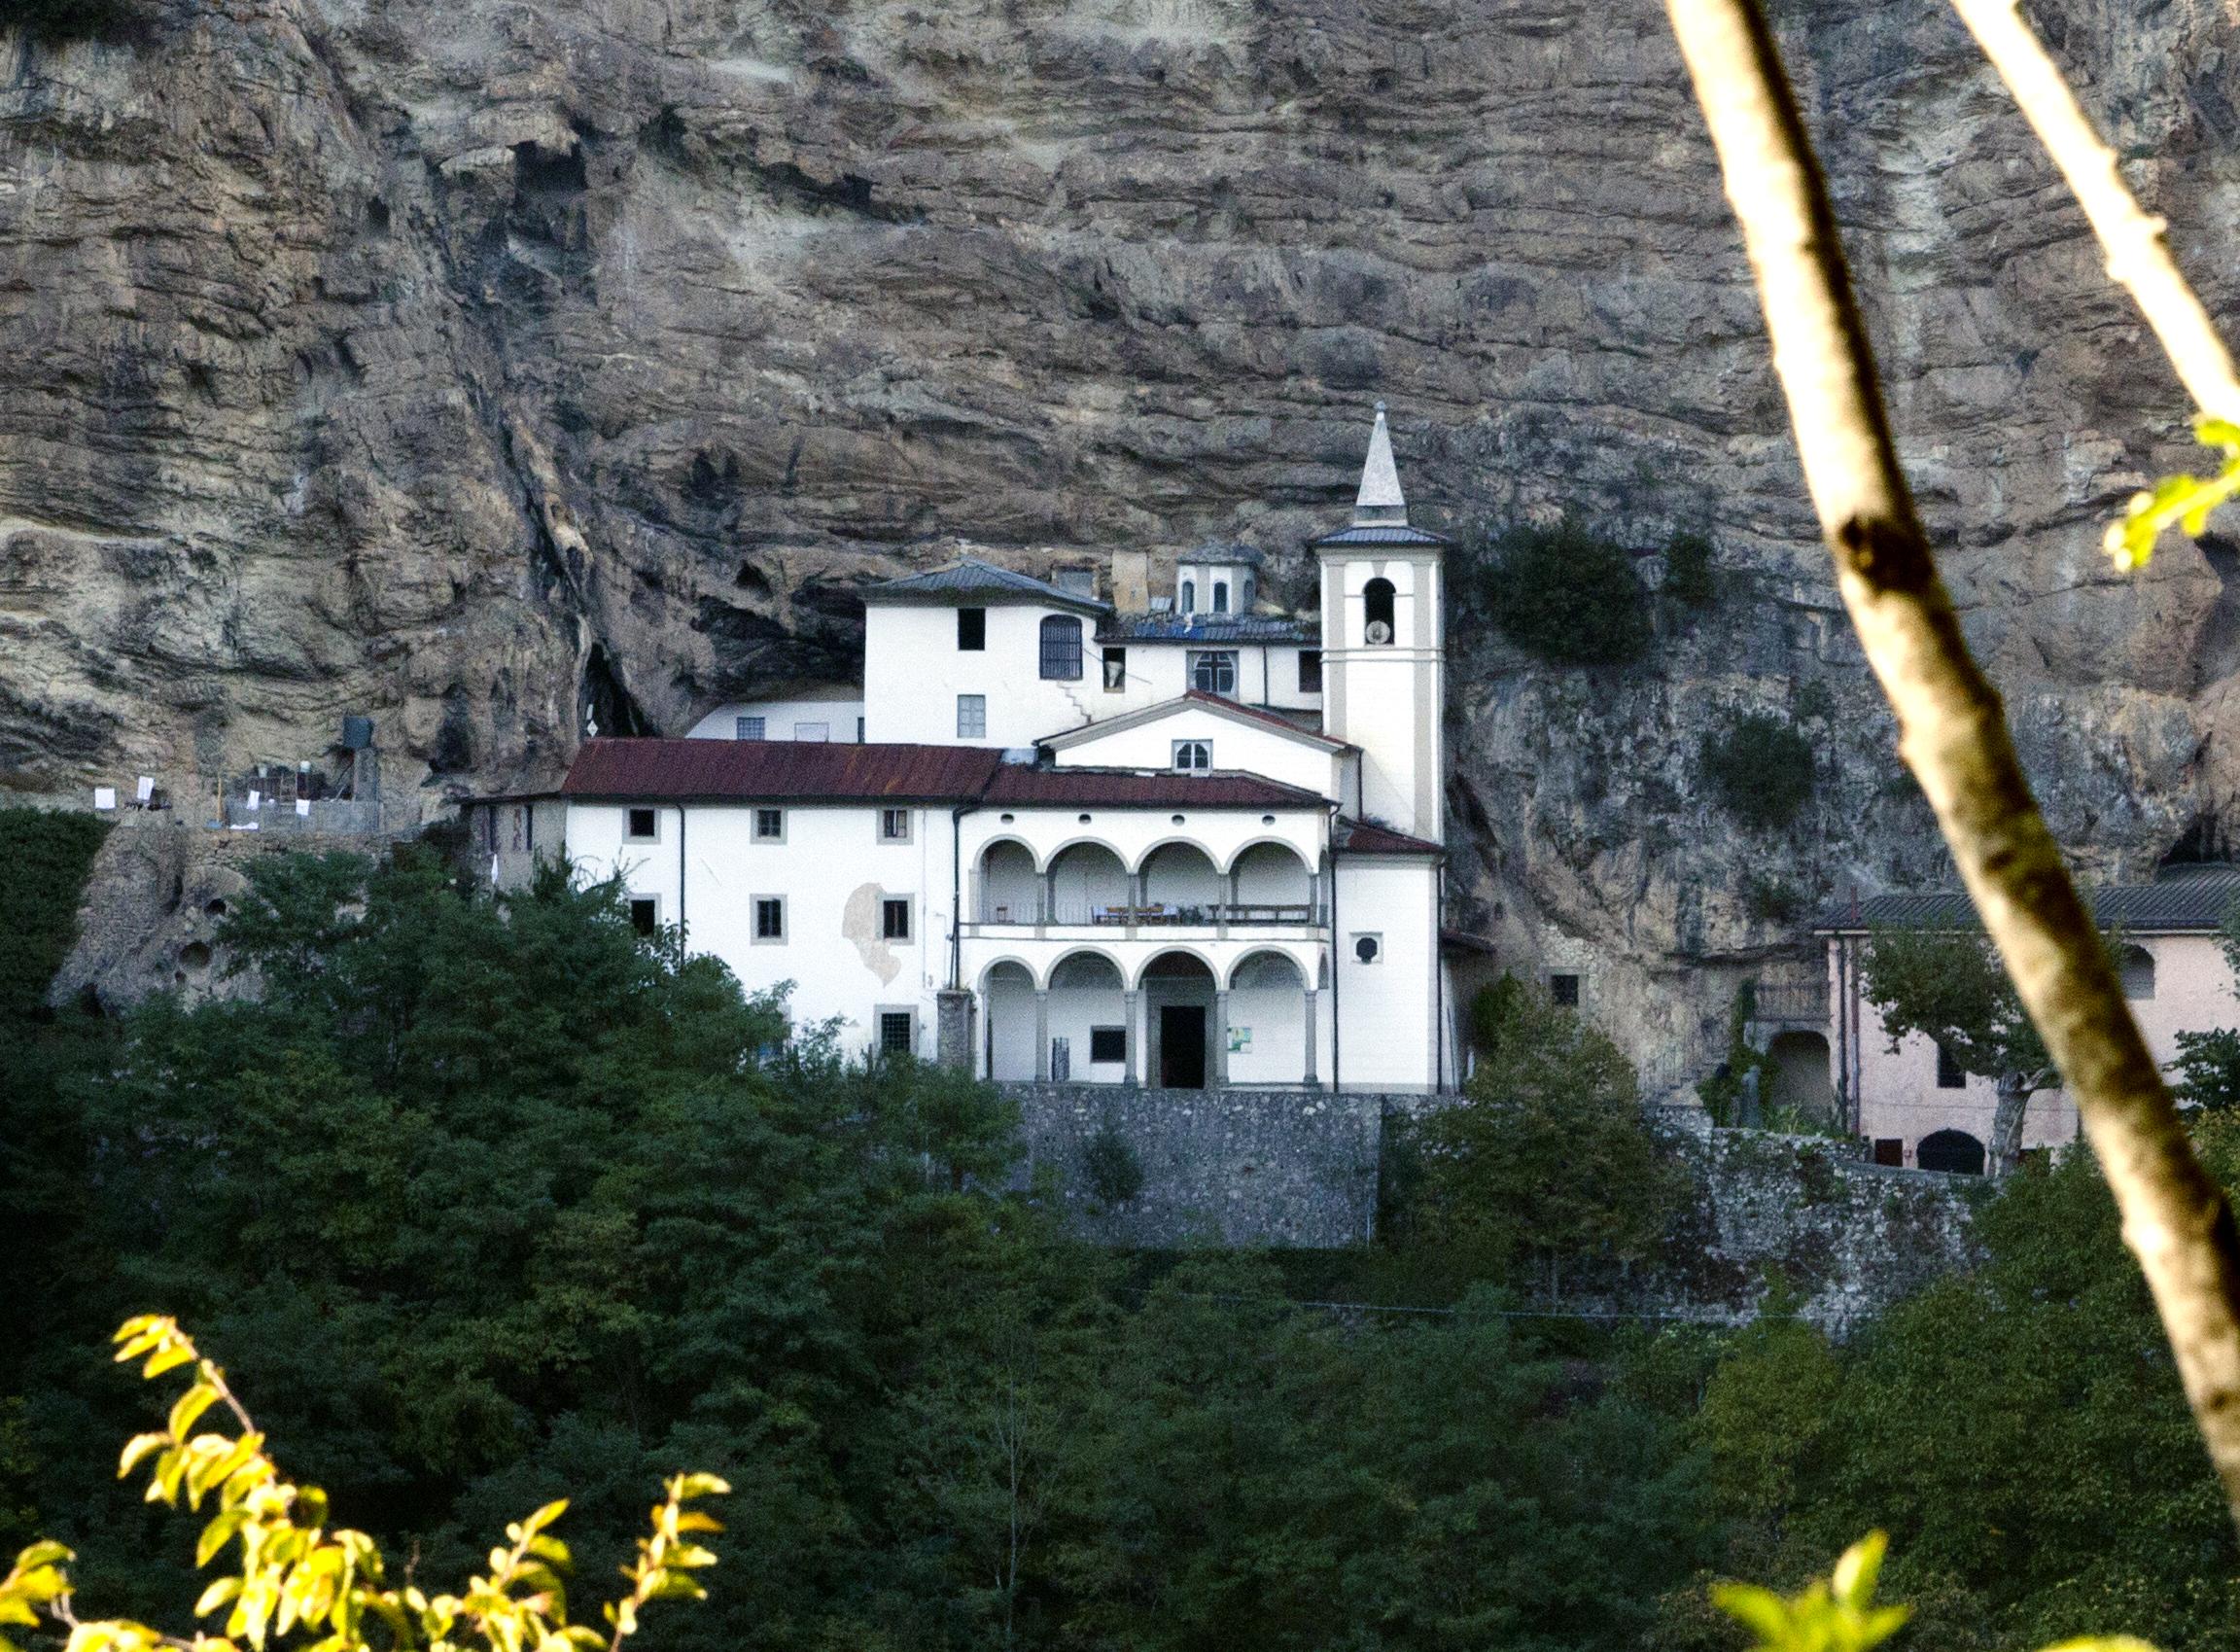 Santuario Mariano Eremo di Calomini  in Fabbriche di Vergemoli (Giovanni Sighele)